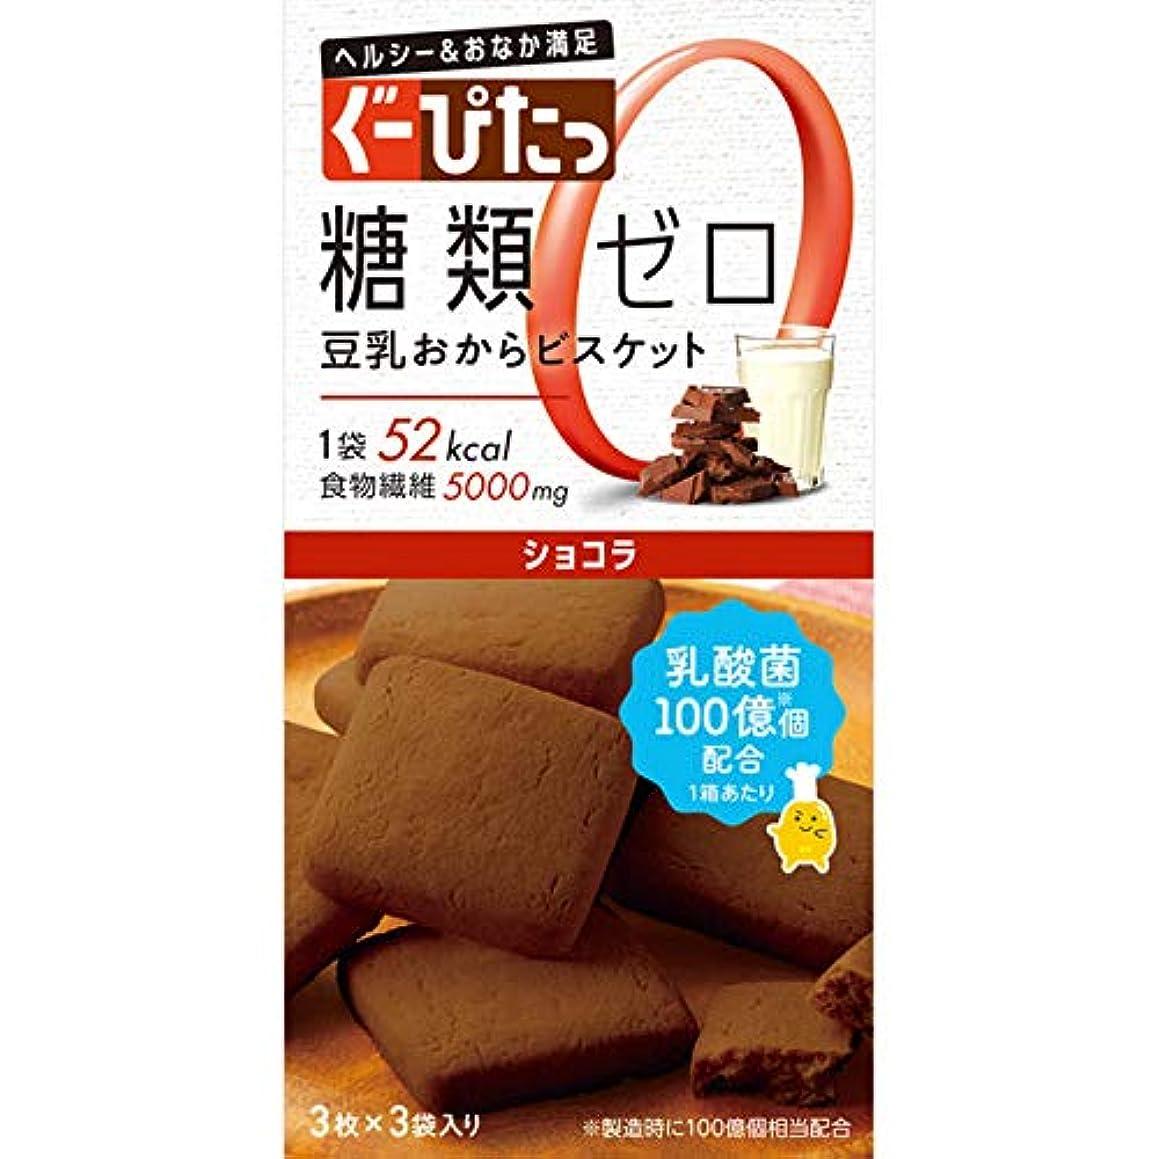 エネルギーパラダイス交渉するナリスアップ ぐーぴたっ 豆乳おからビスケット ショコラ (3枚×3袋) ダイエット食品